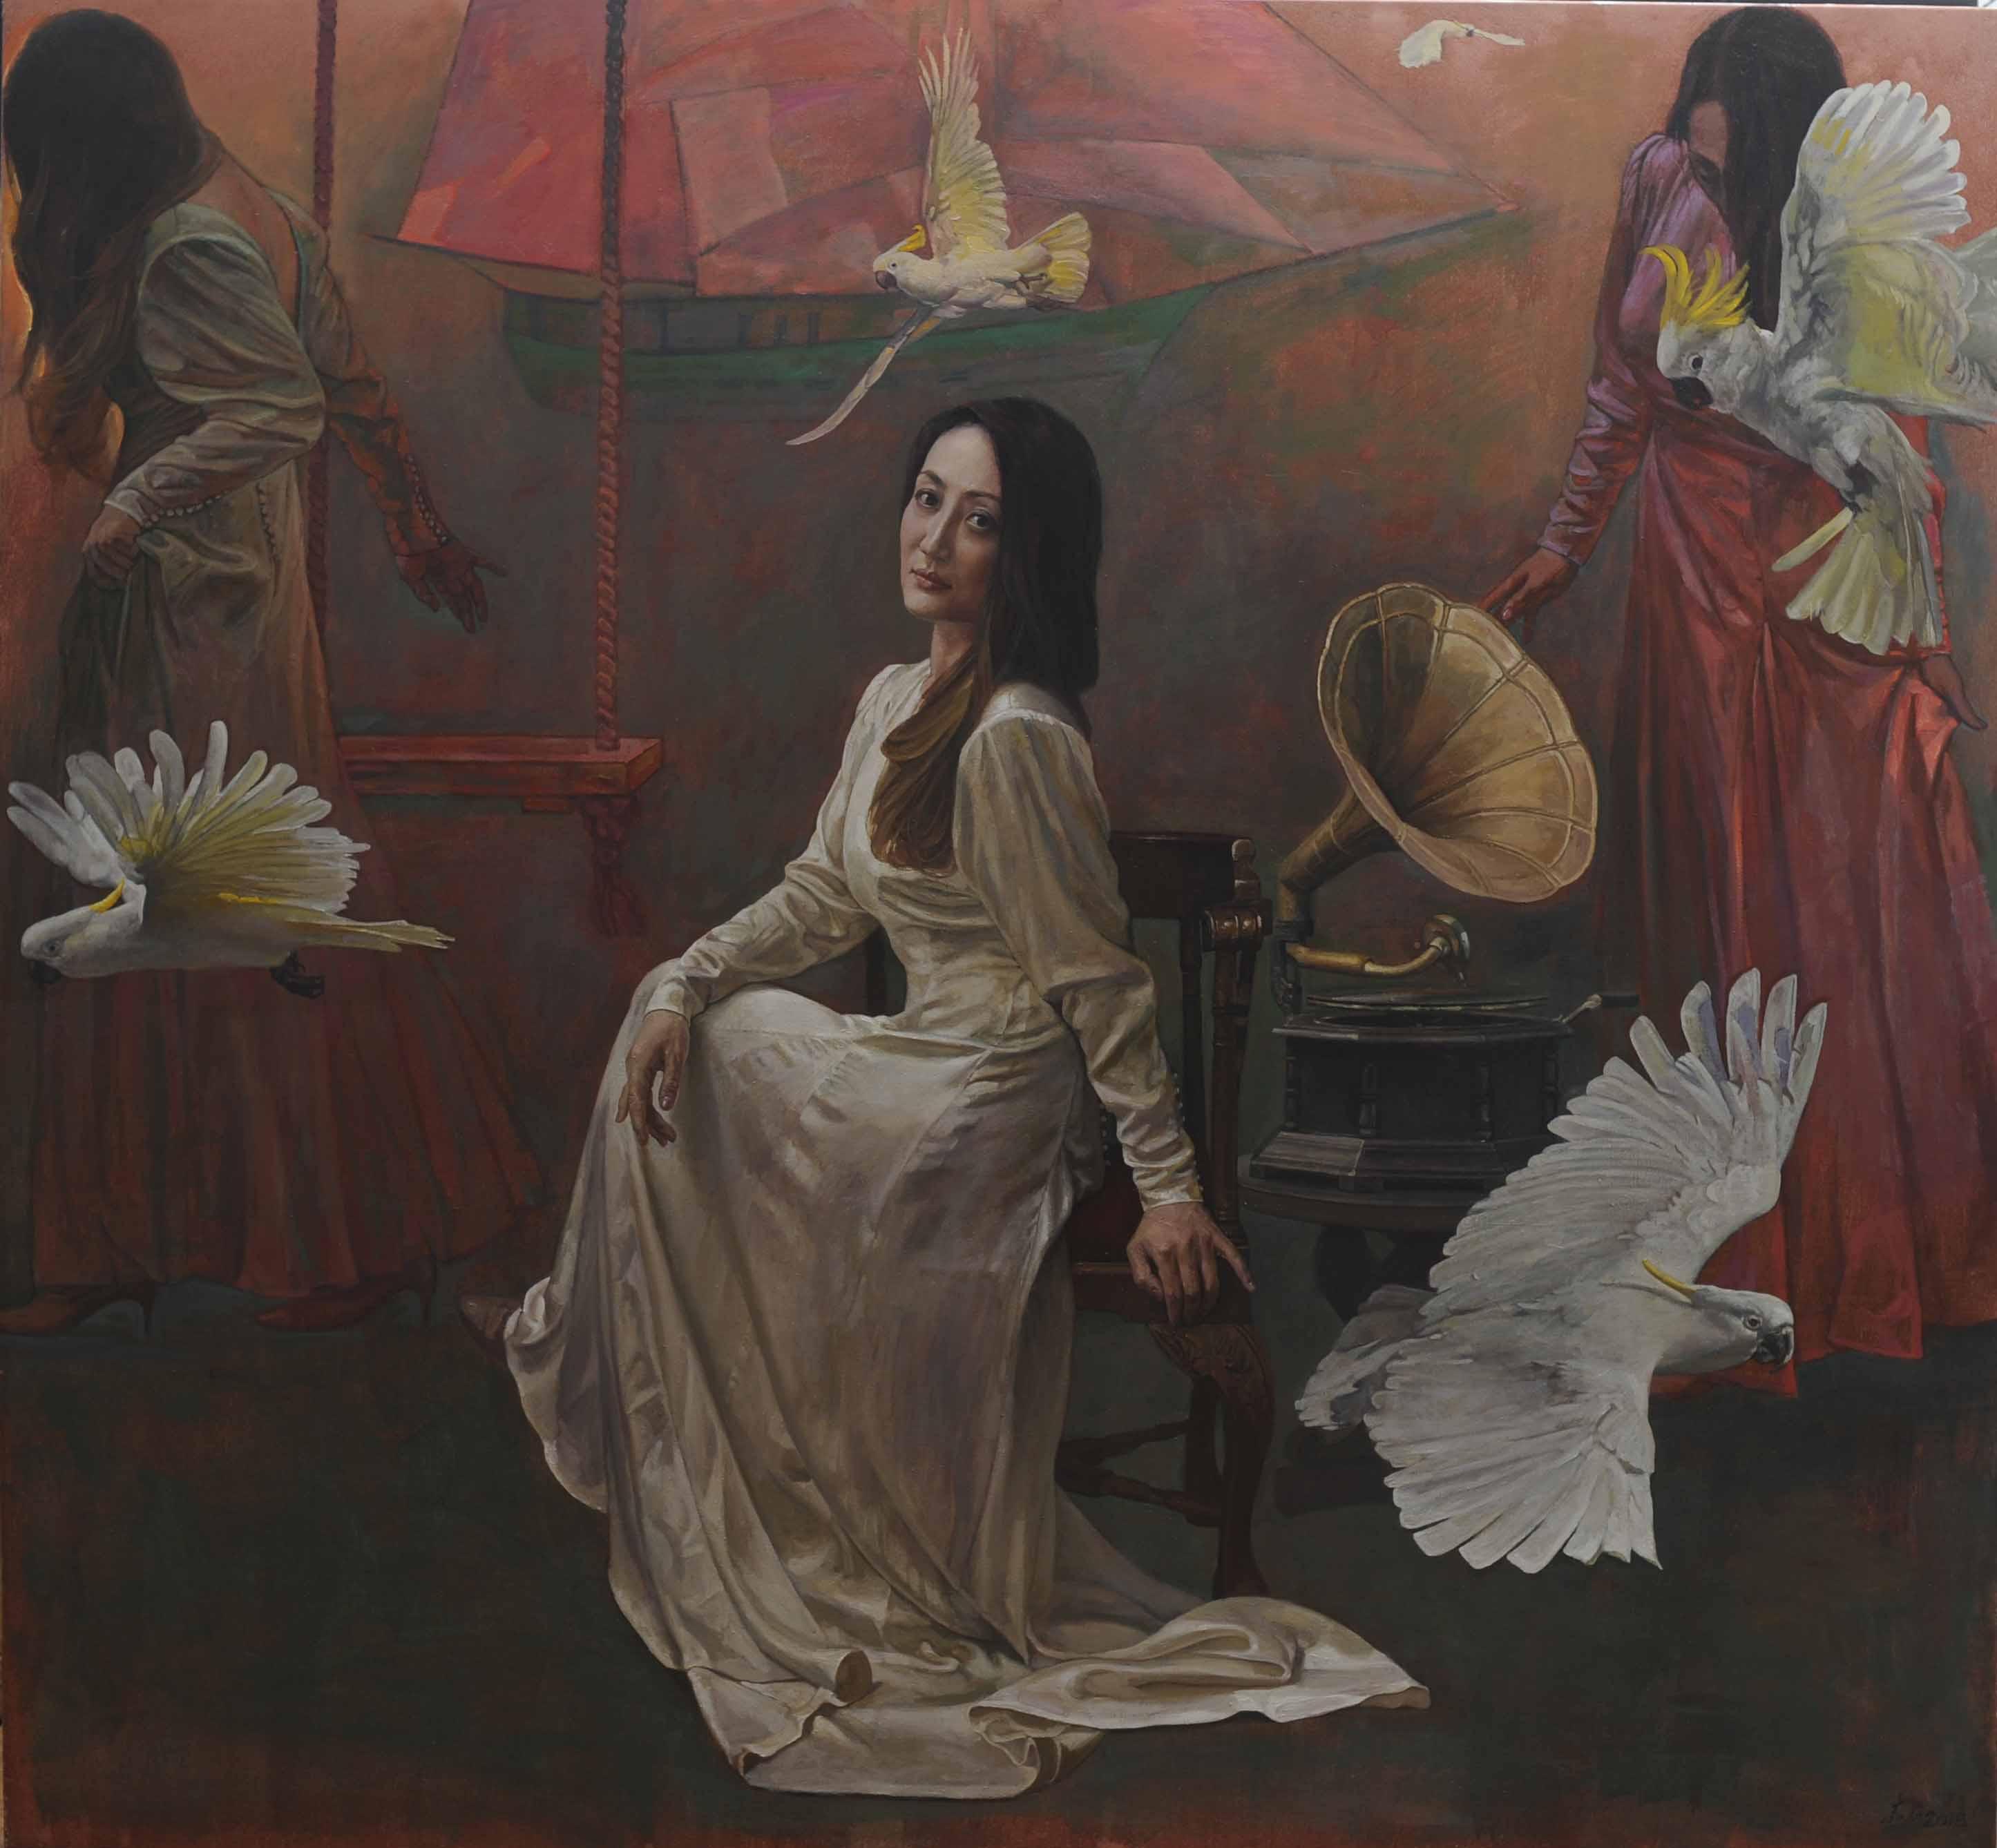 00 Nostalgia of Future 展望忆旧(2018) Oil on canvas, 198 x 213cm